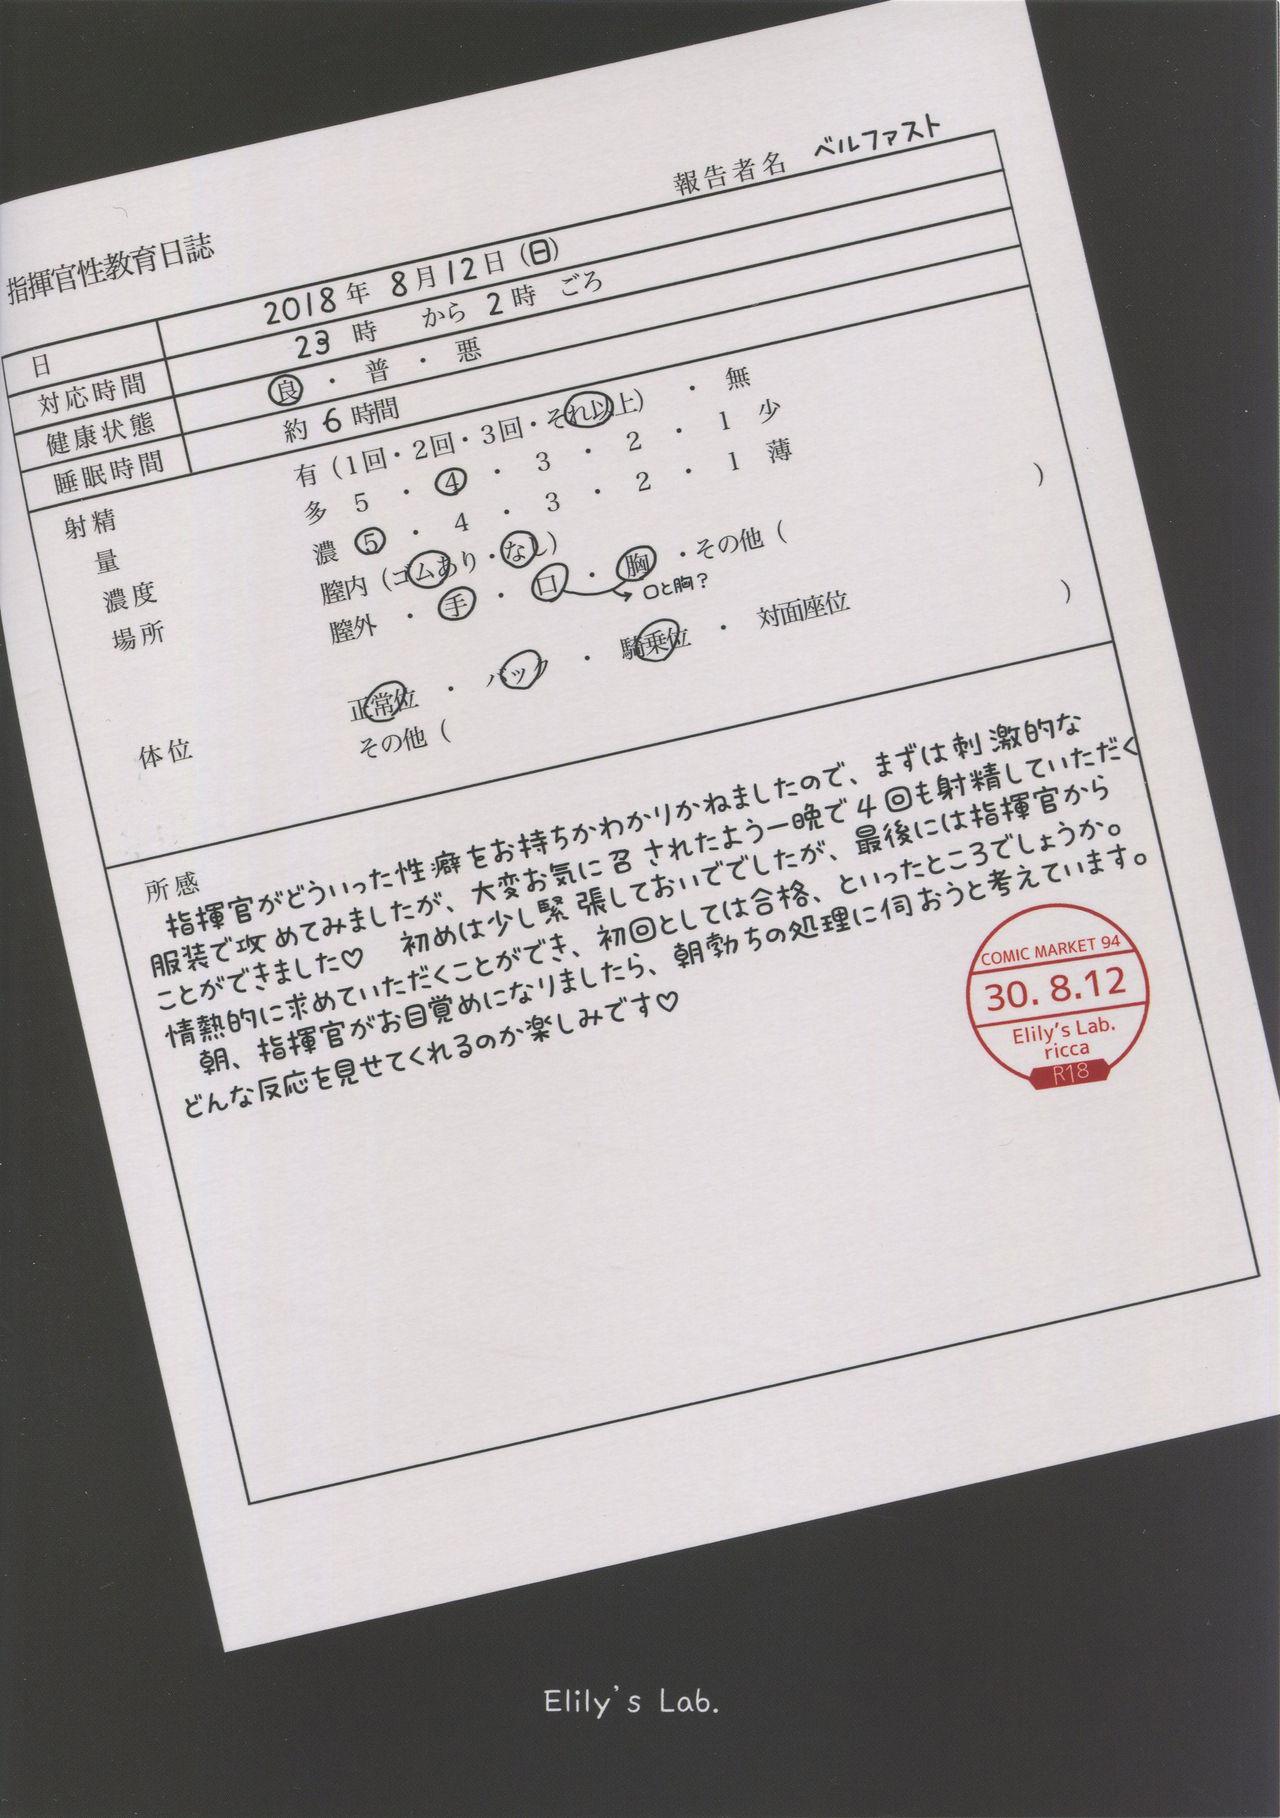 Shikikan Seikyouiku Nippou 26